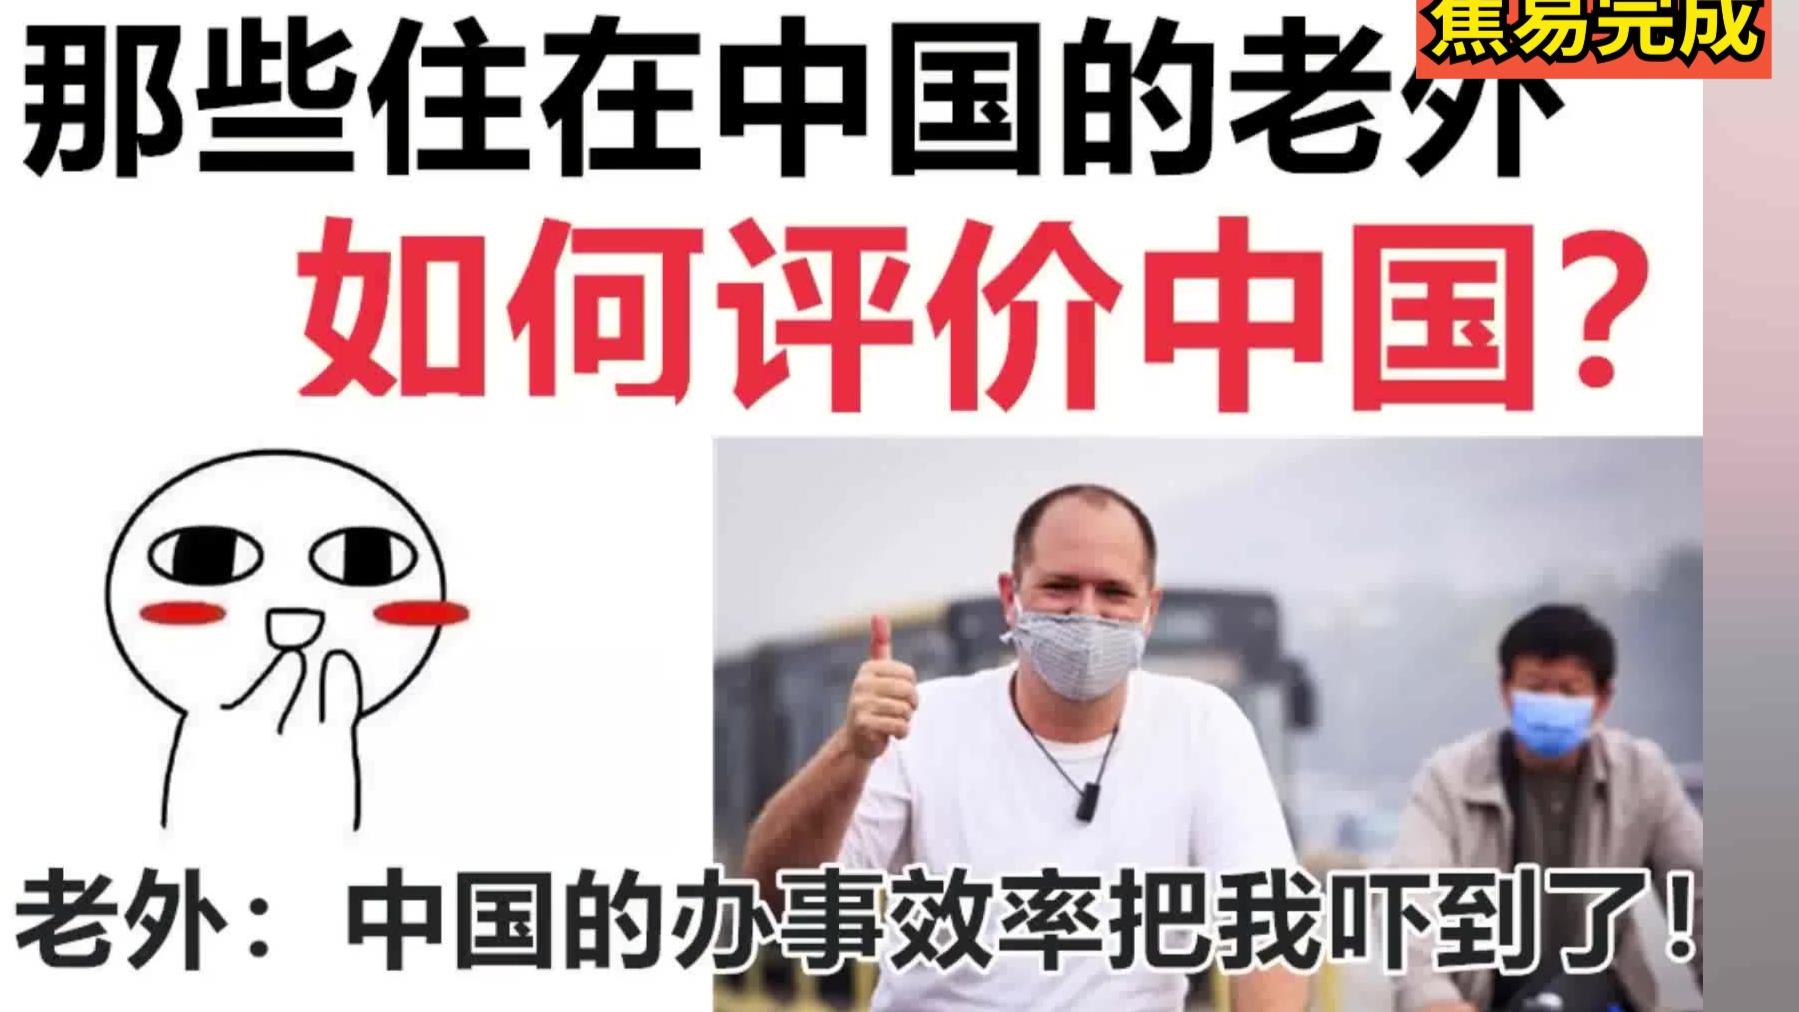 住在中国的老外,如何评价中国?老外:《中国的办事效率太吓人了!》